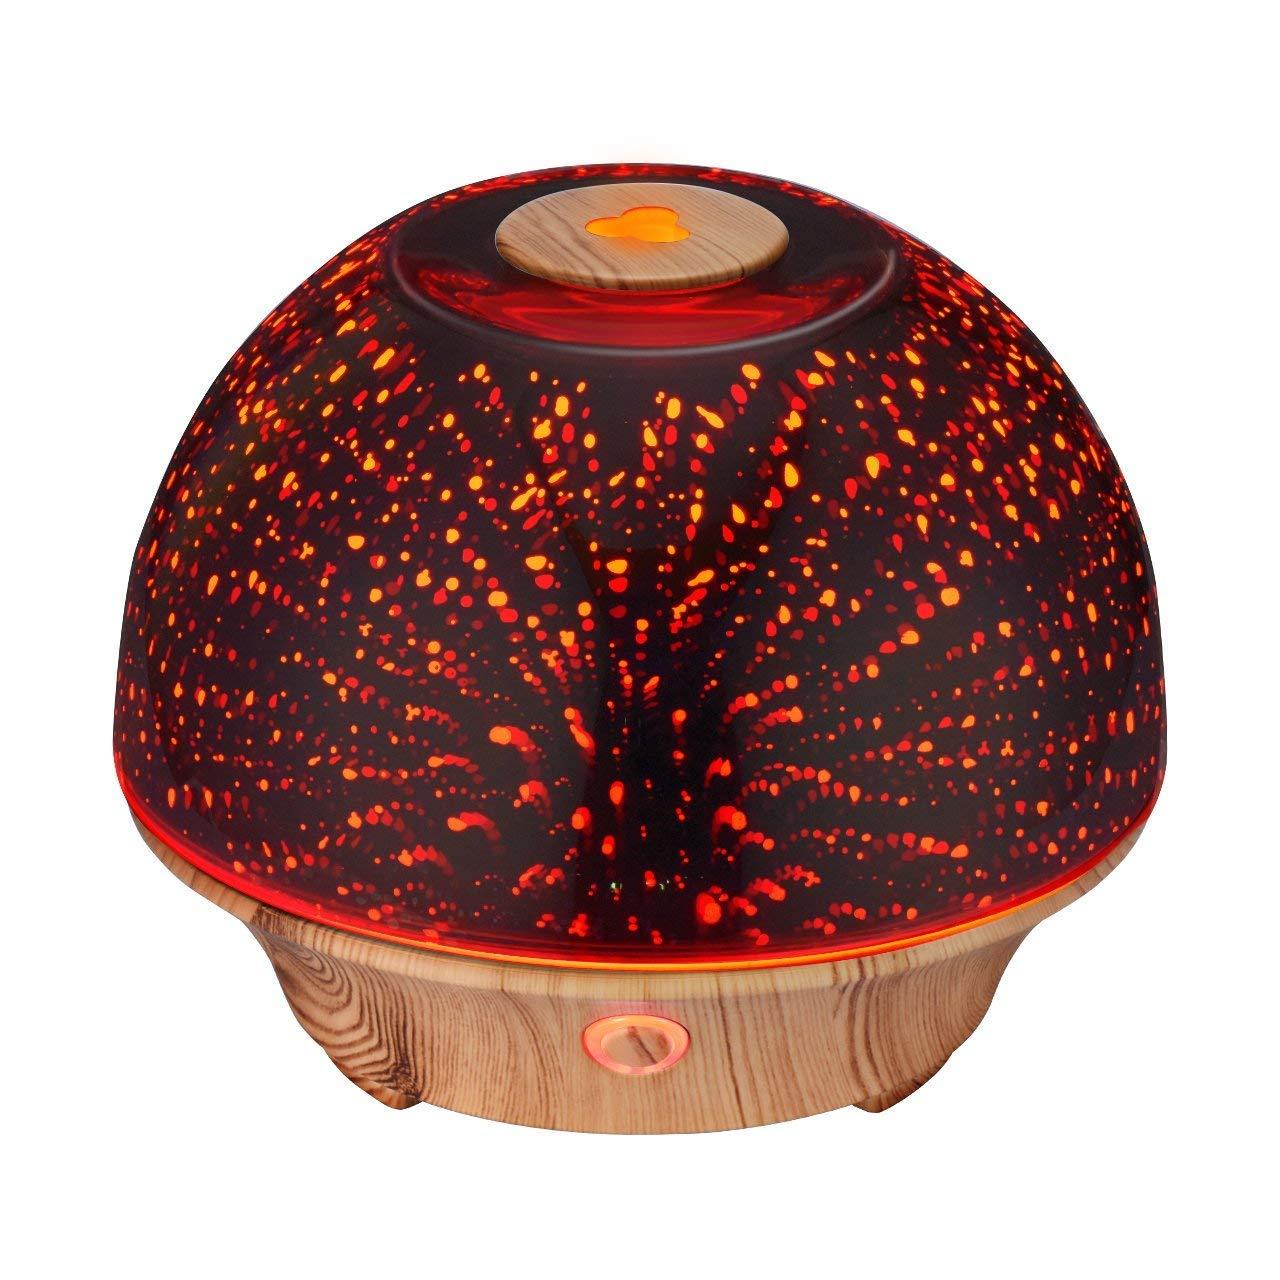 訳あり商品 VicTsing エッセンシャルオイルディフューザー 200ml 3D効果 3D効果 超音波アロマセラピーオイル B07GSRQF3C 加湿器 水なし自動オフ スターバーストファイヤーワーク効果 7色LEDライト 水なし自動オフ 家庭 オフィス 寝室 B07GSRQF3C, neneno -ネネノ インテリア-:e3001421 --- martinemoeykens.com